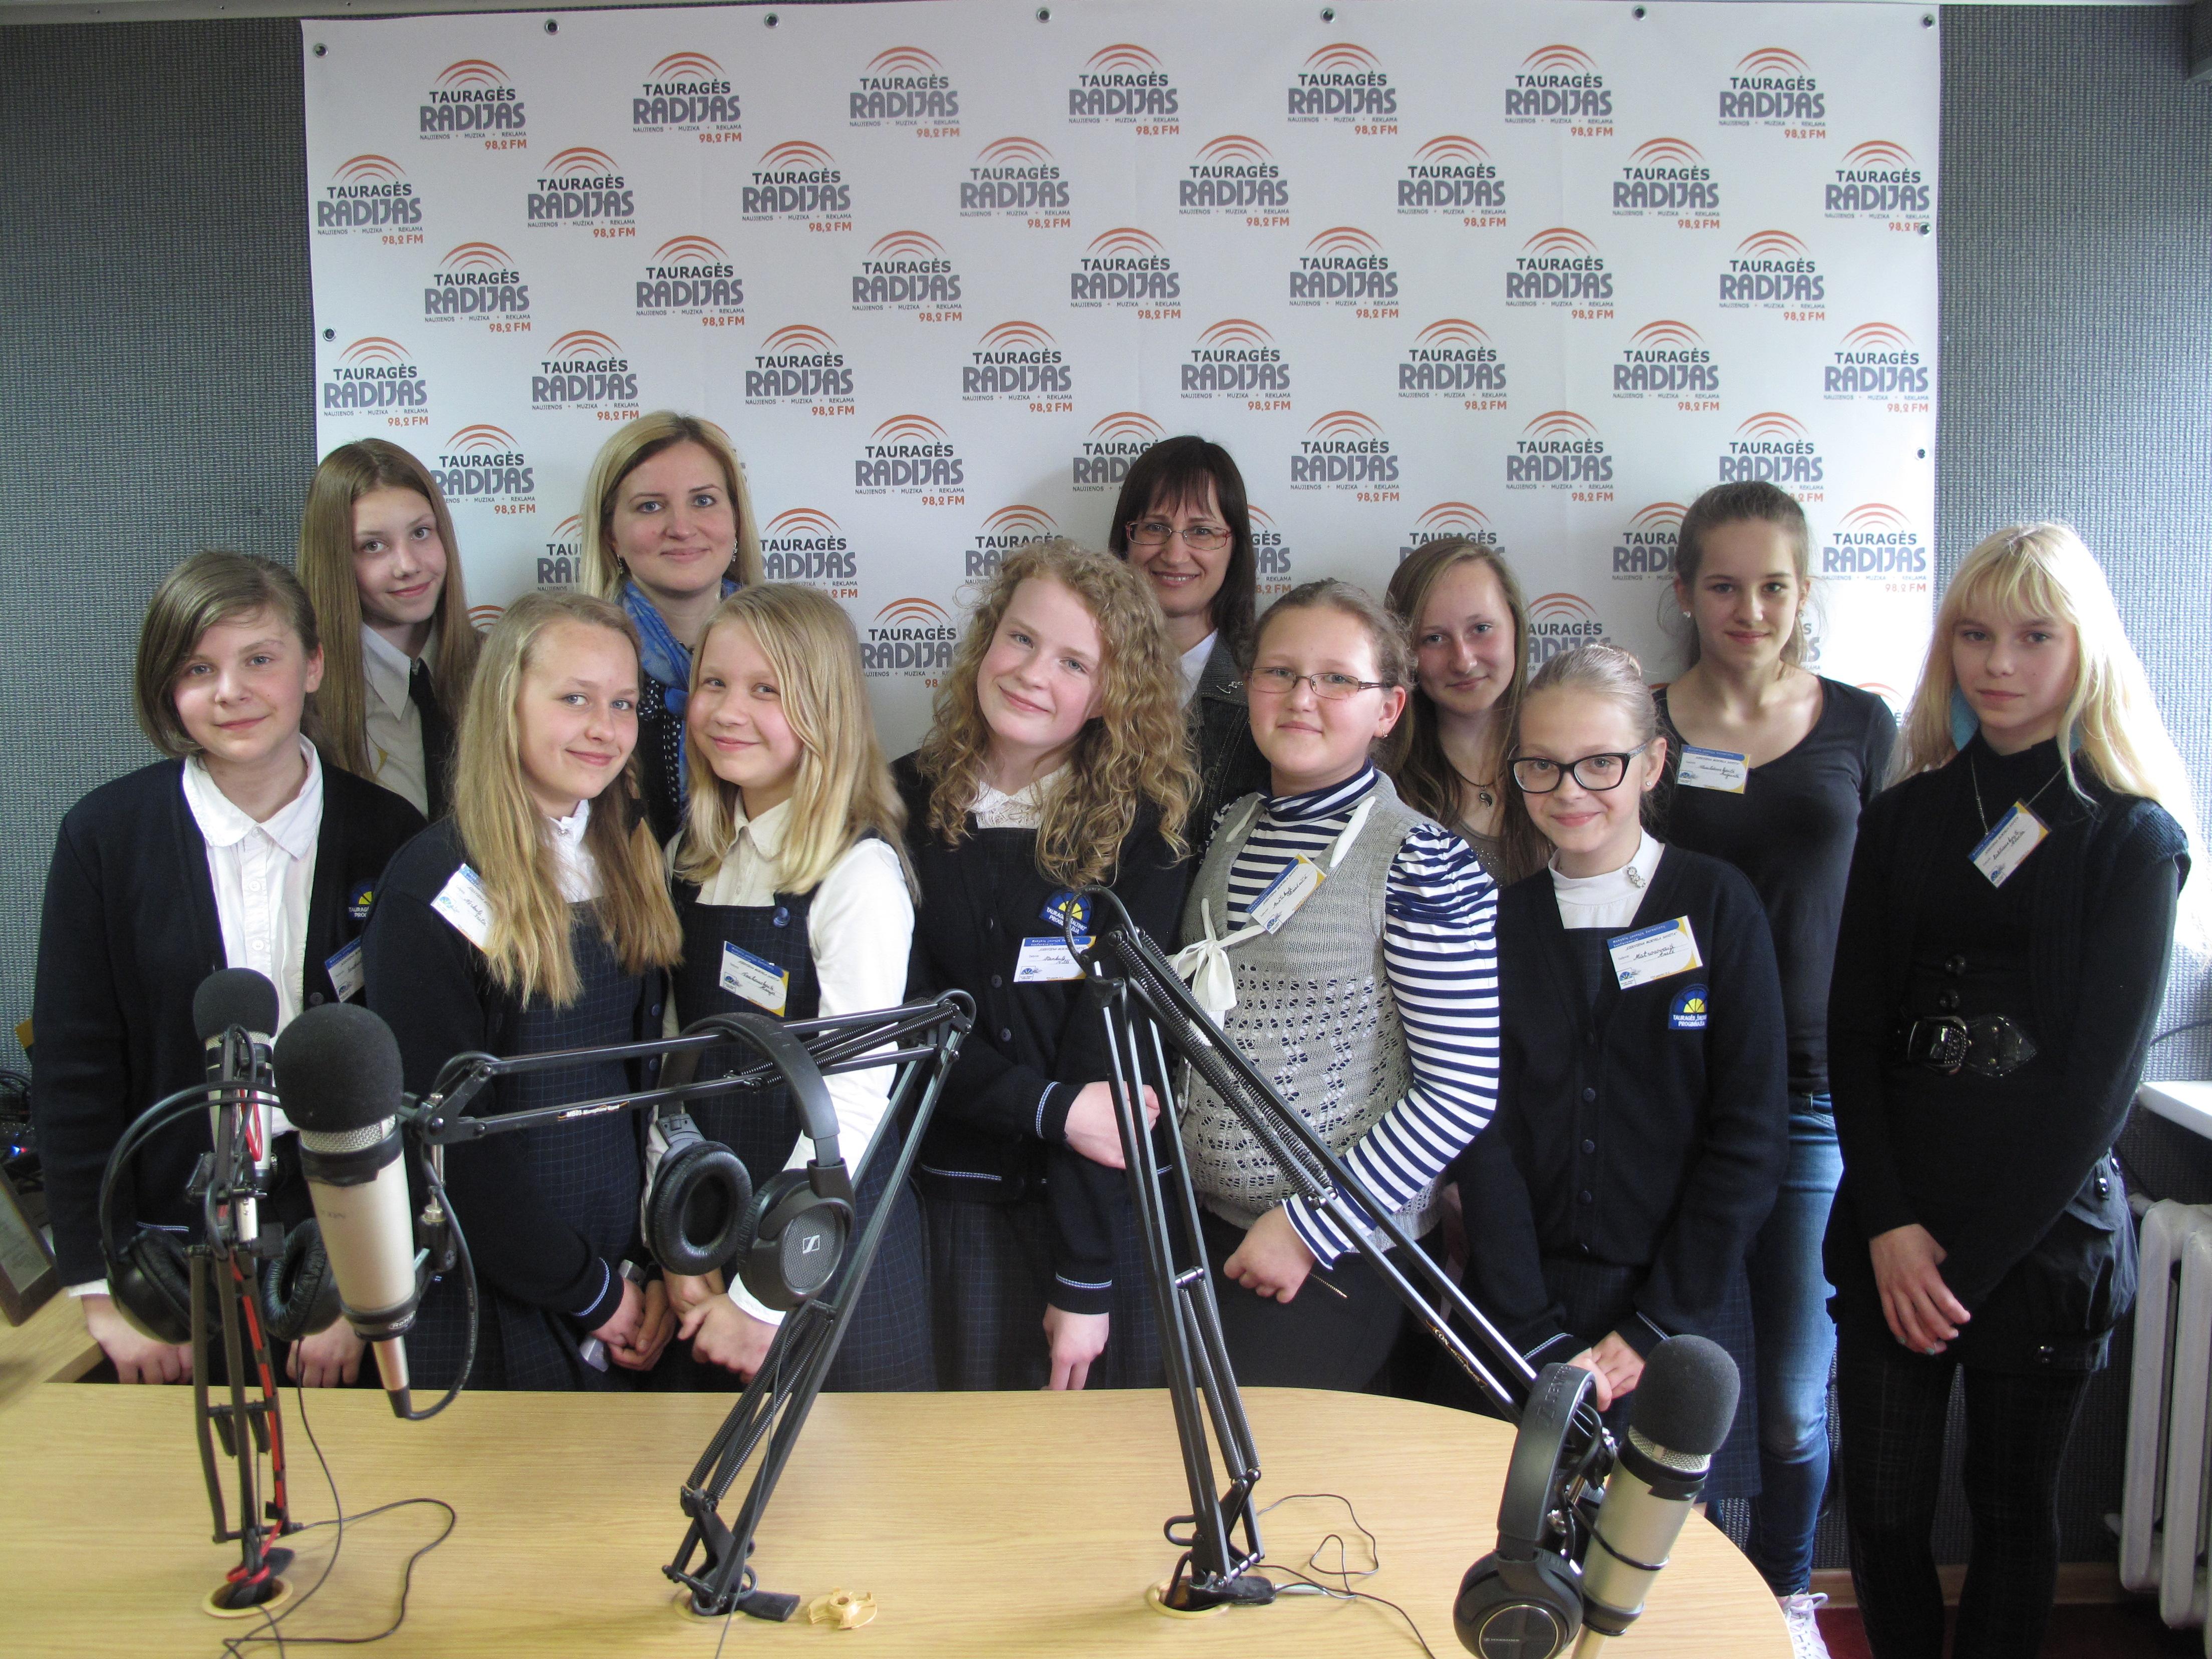 Jaunųjų žurnalistų apsilankymas